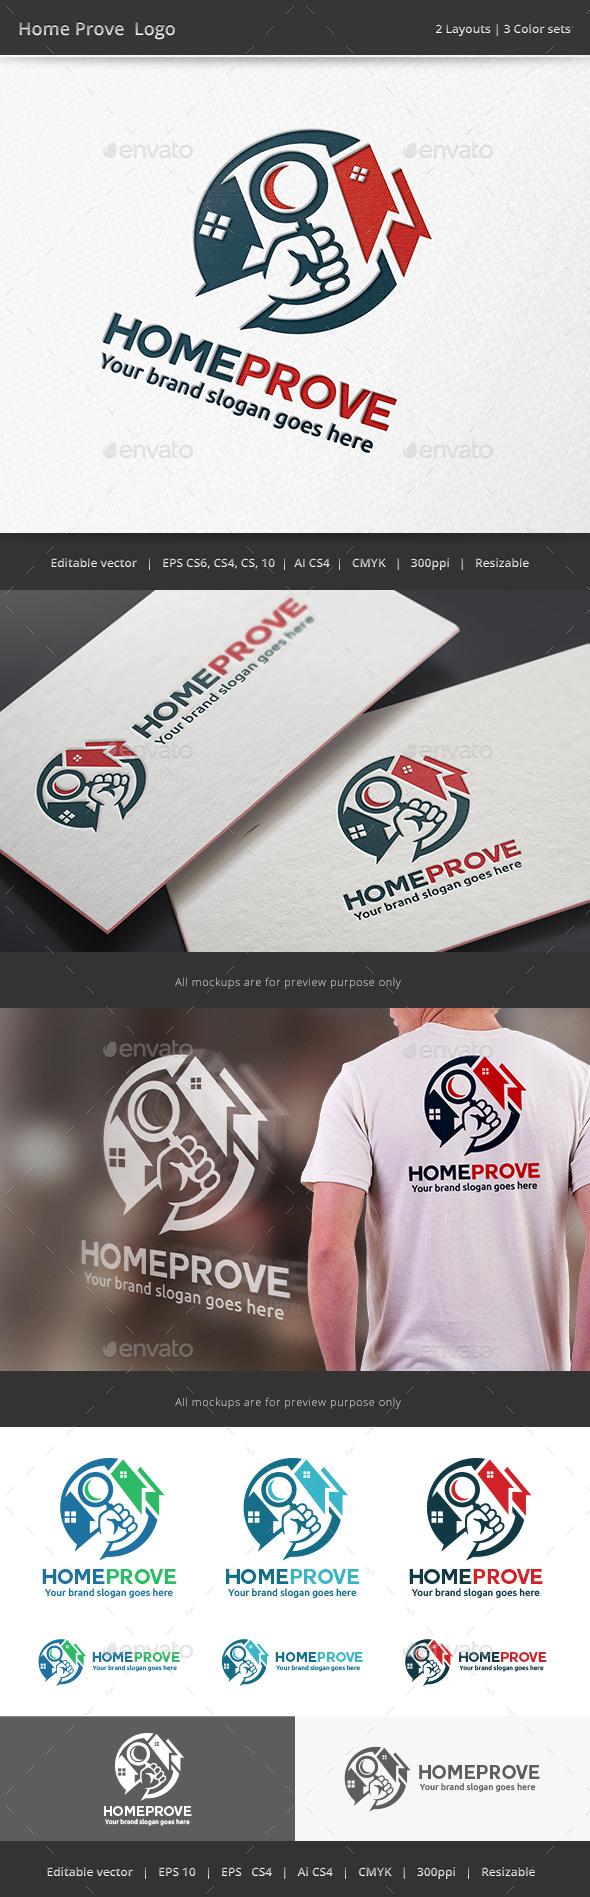 Home Prove Logo - Vector Abstract